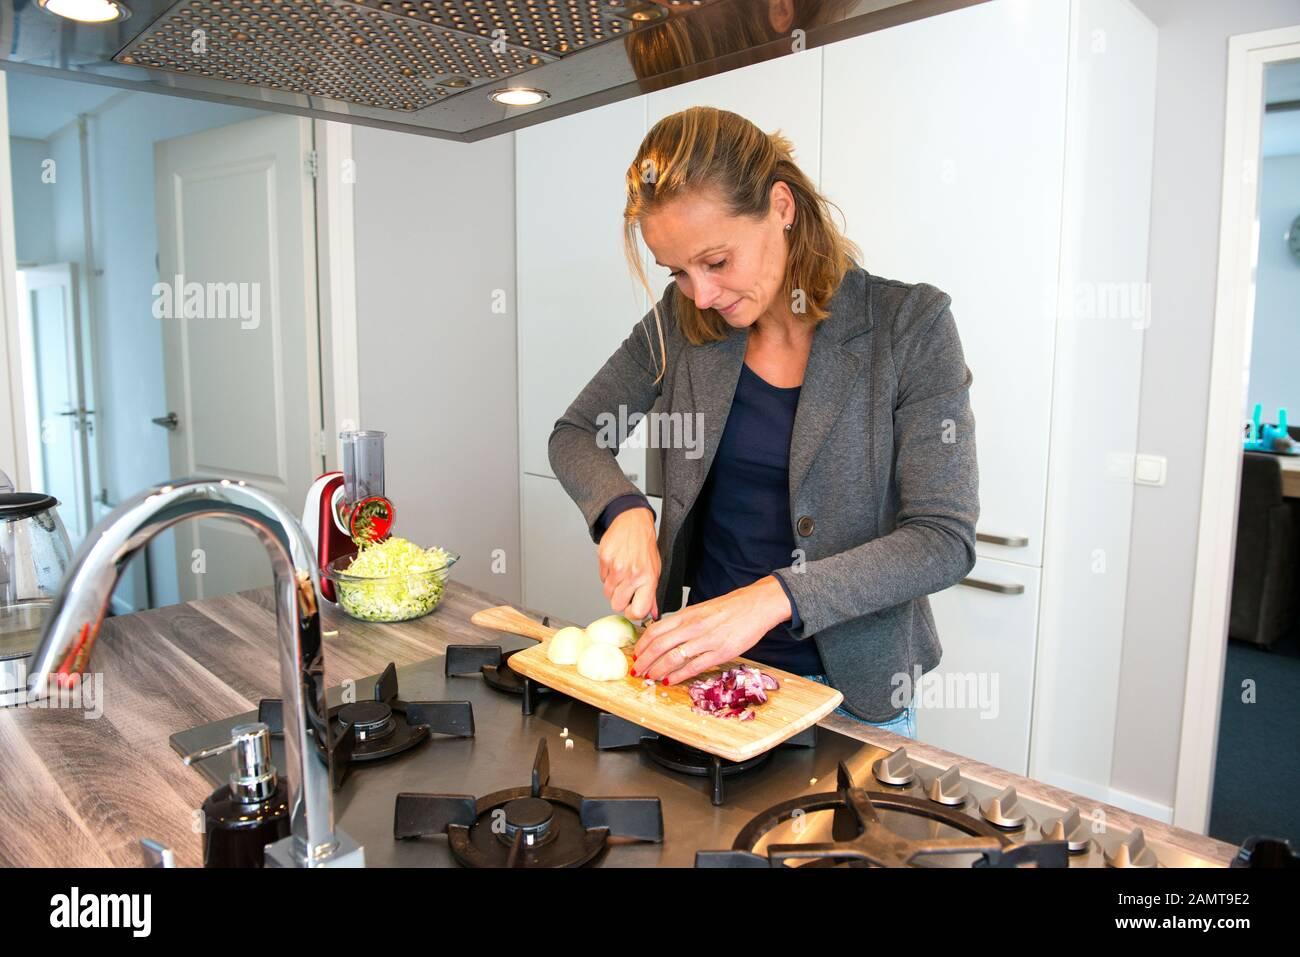 Frau Hacken Gemüse in der Küche Stockfoto